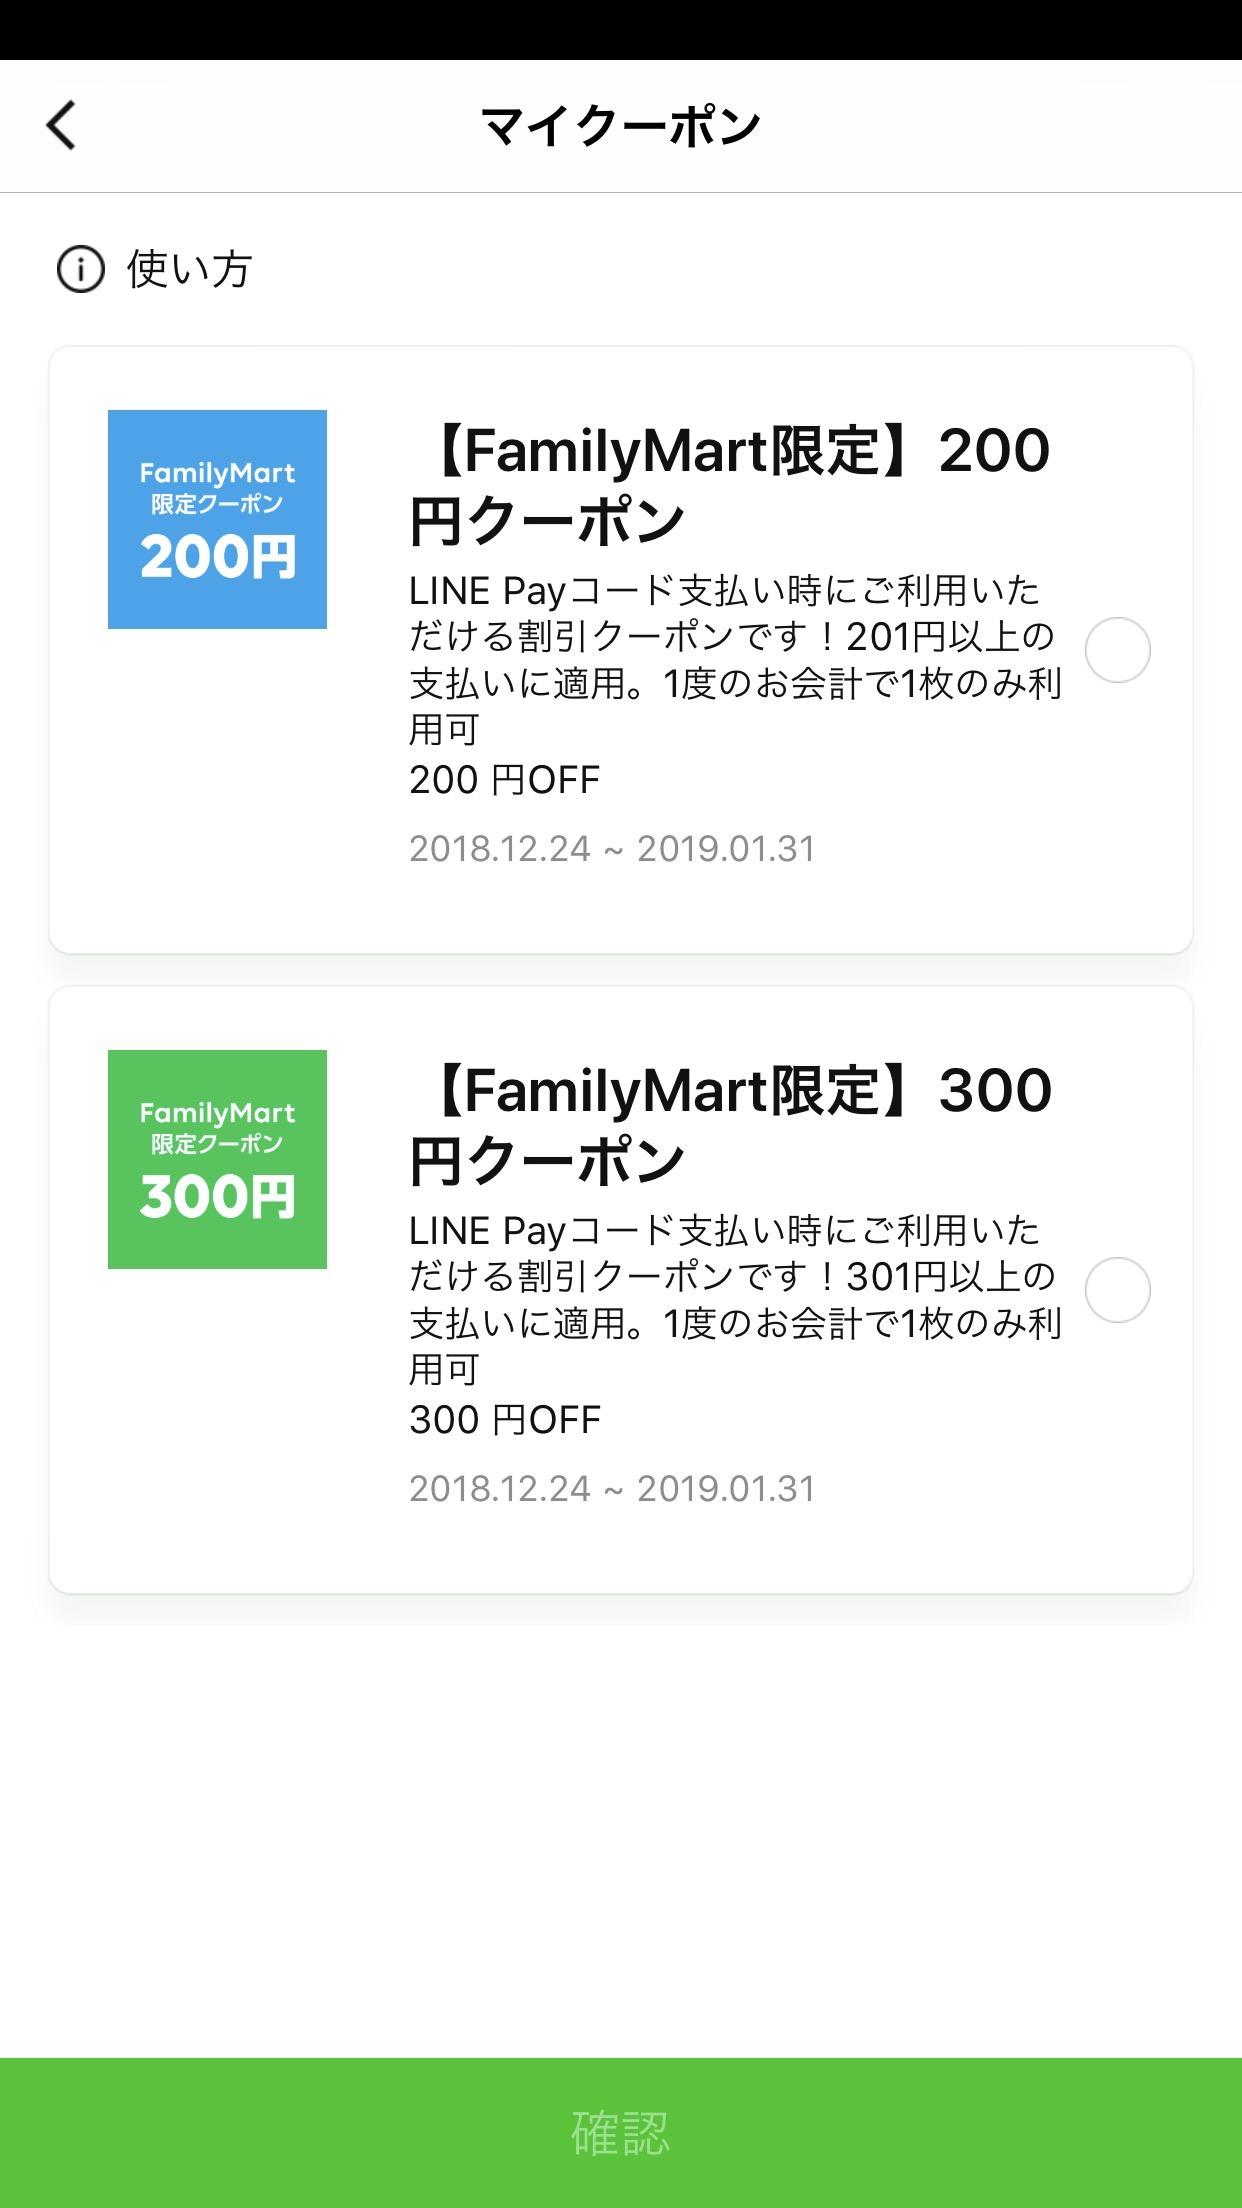 【LINE Pay】「マイクーポン」の使い方 2